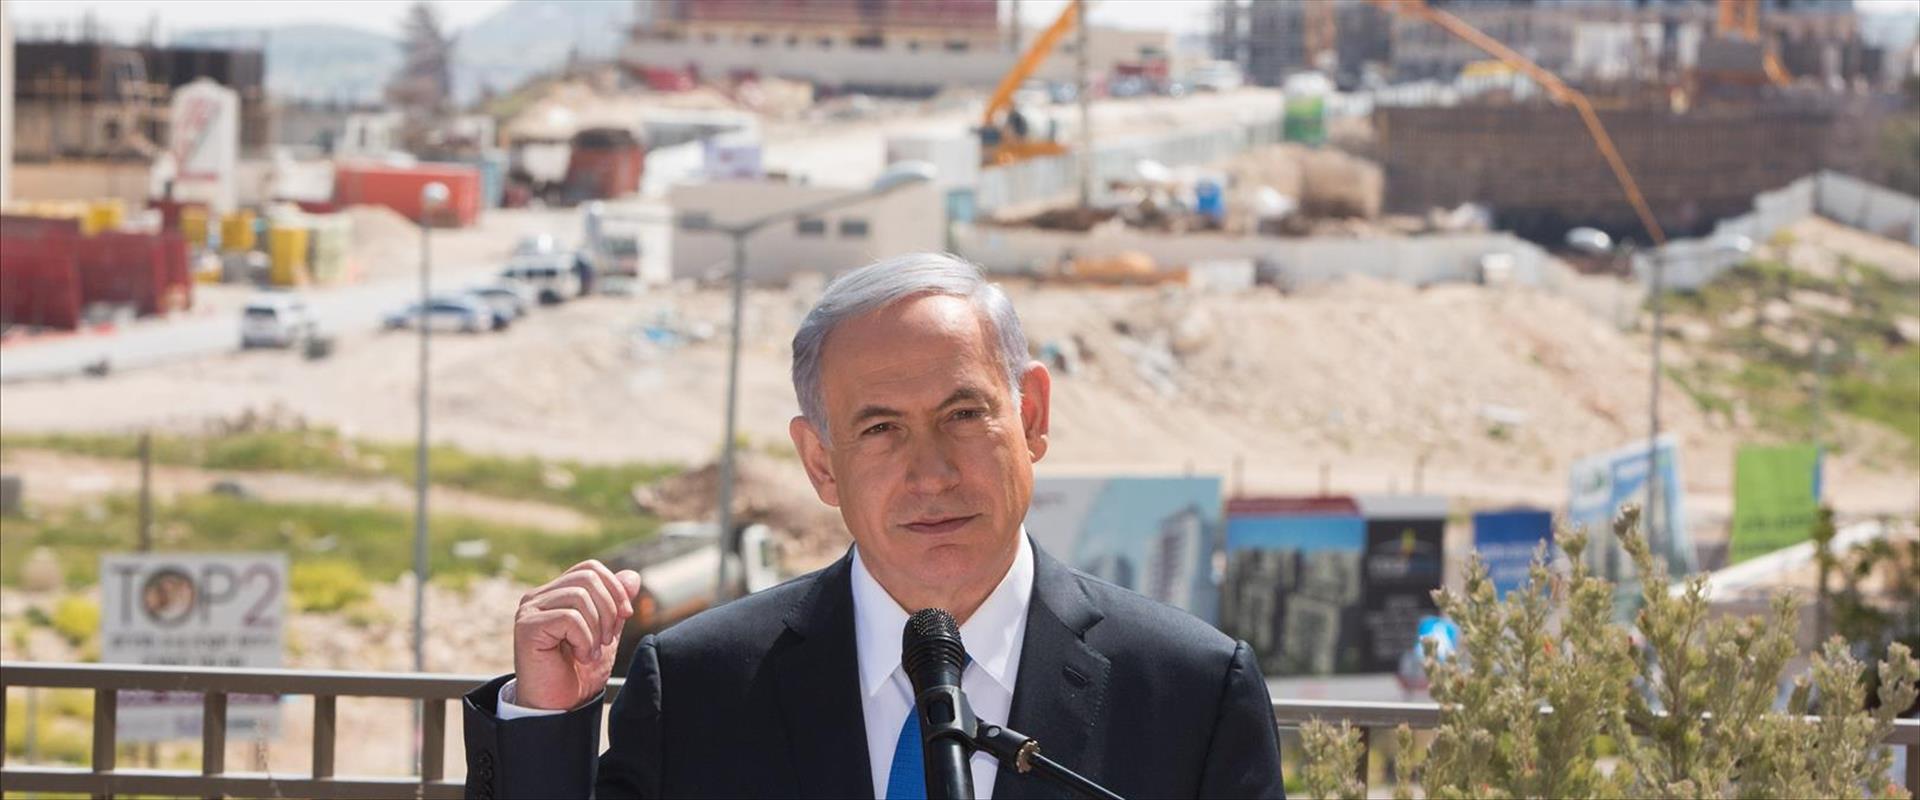 ראש הממשלה נתניהו על רקע שכונת הר חומה